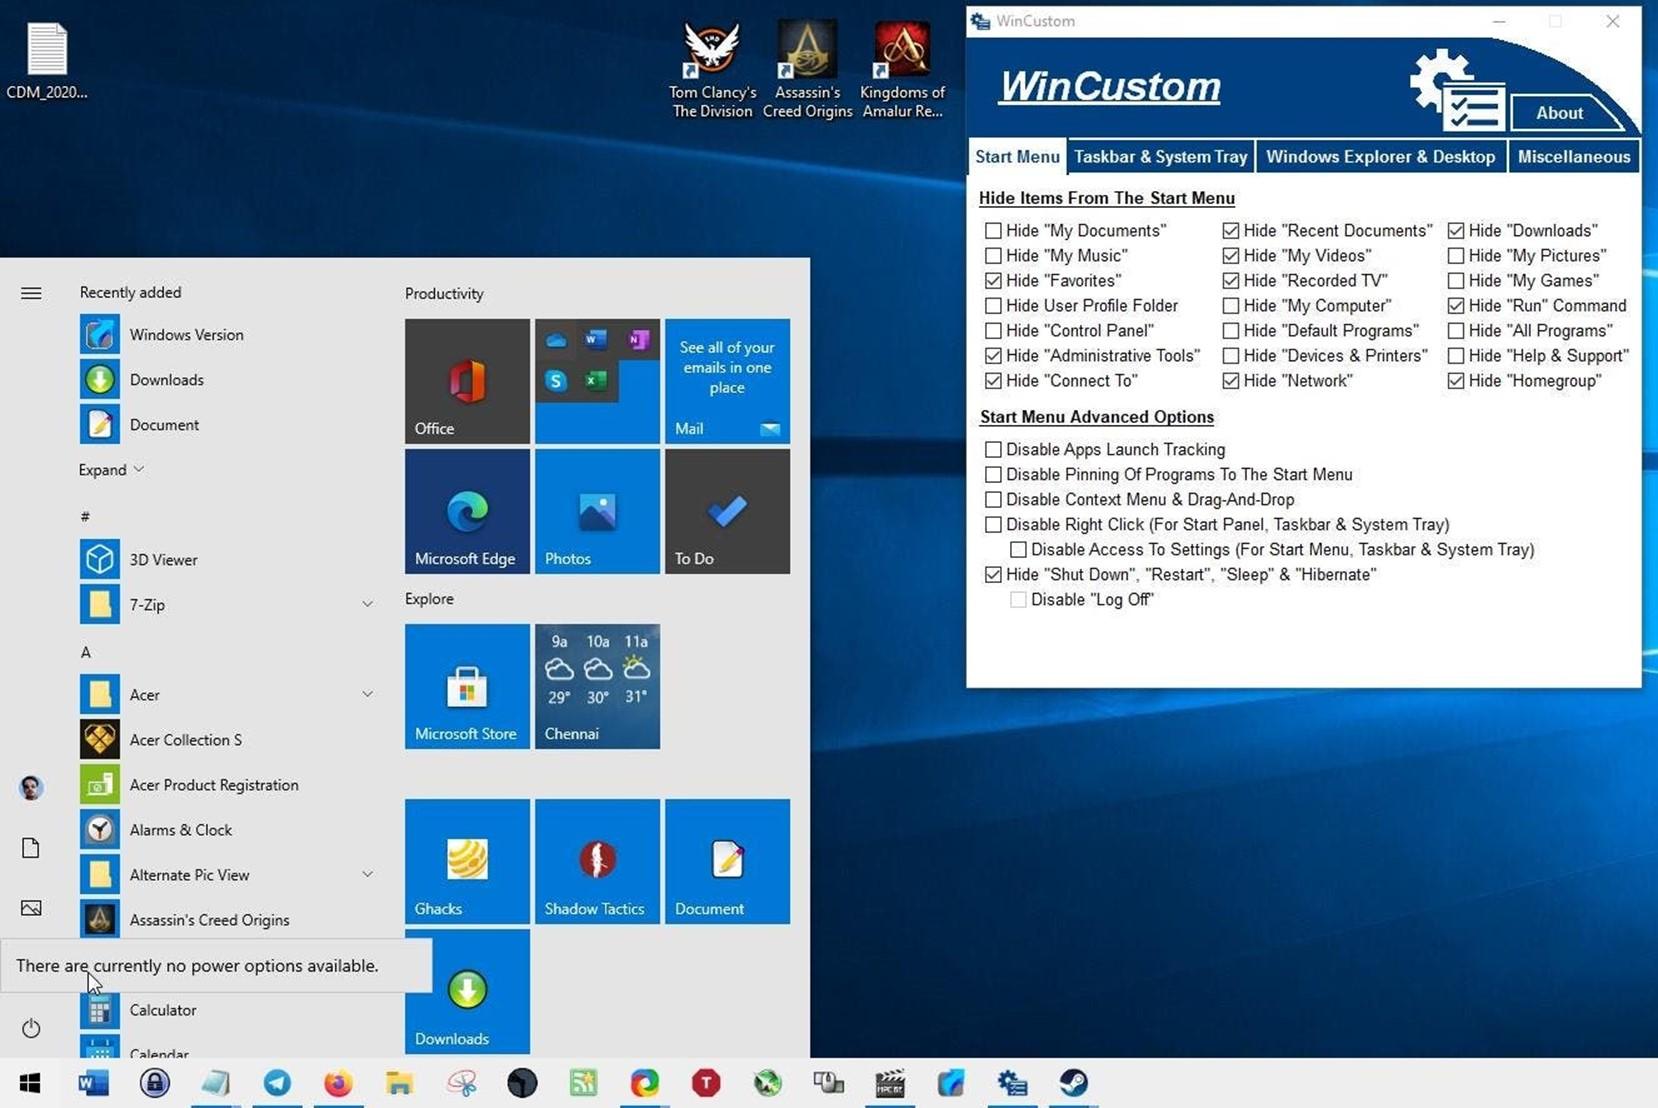 WinCustom bedava yazılım ile Windows da çeşitli ayarları hızlıca yapın 2